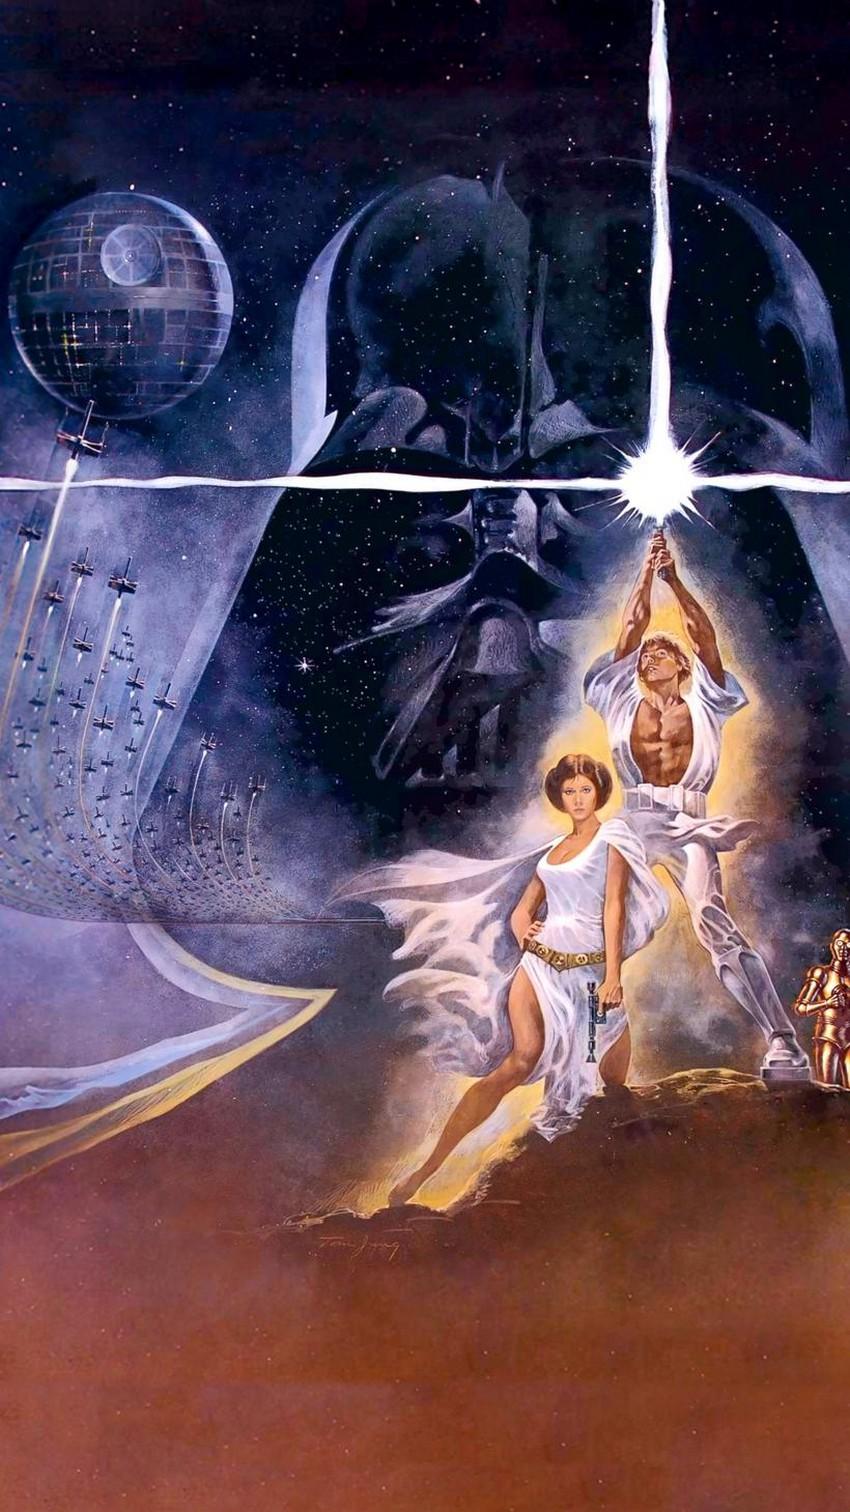 Retro Star Wars Art 850x1512 Wallpaper Teahub Io